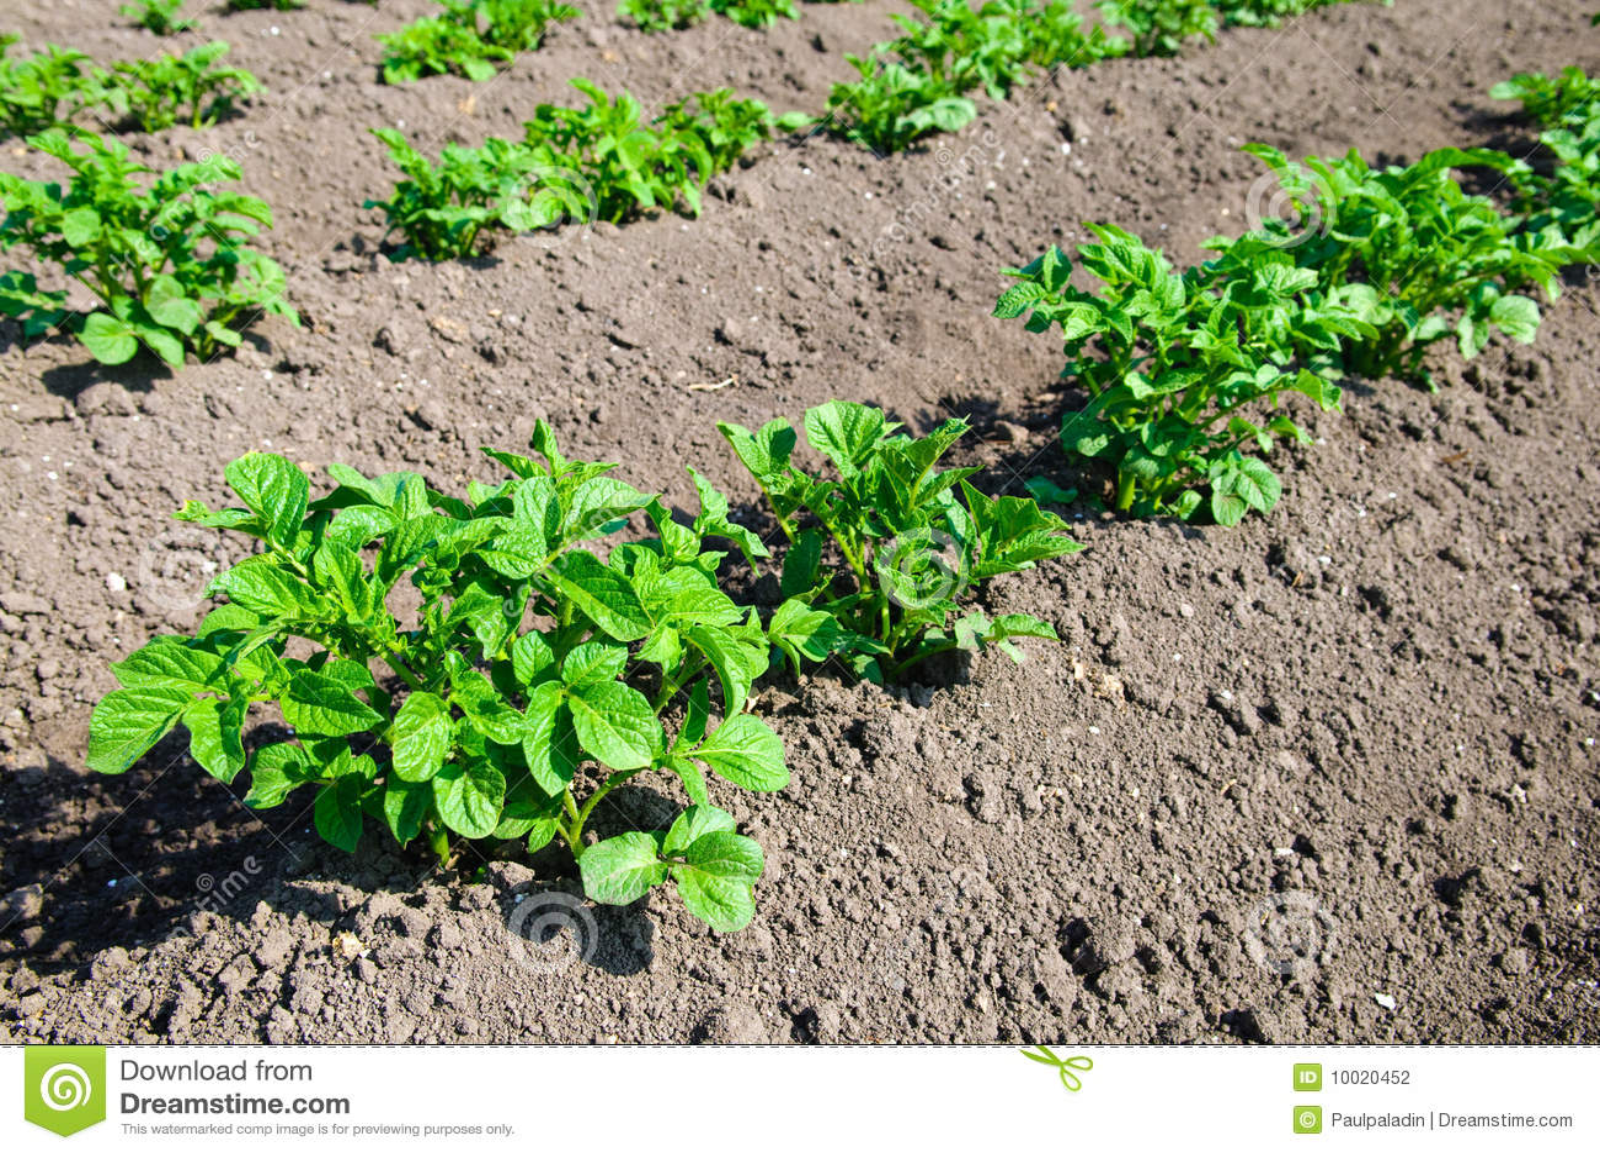 Young potato plants